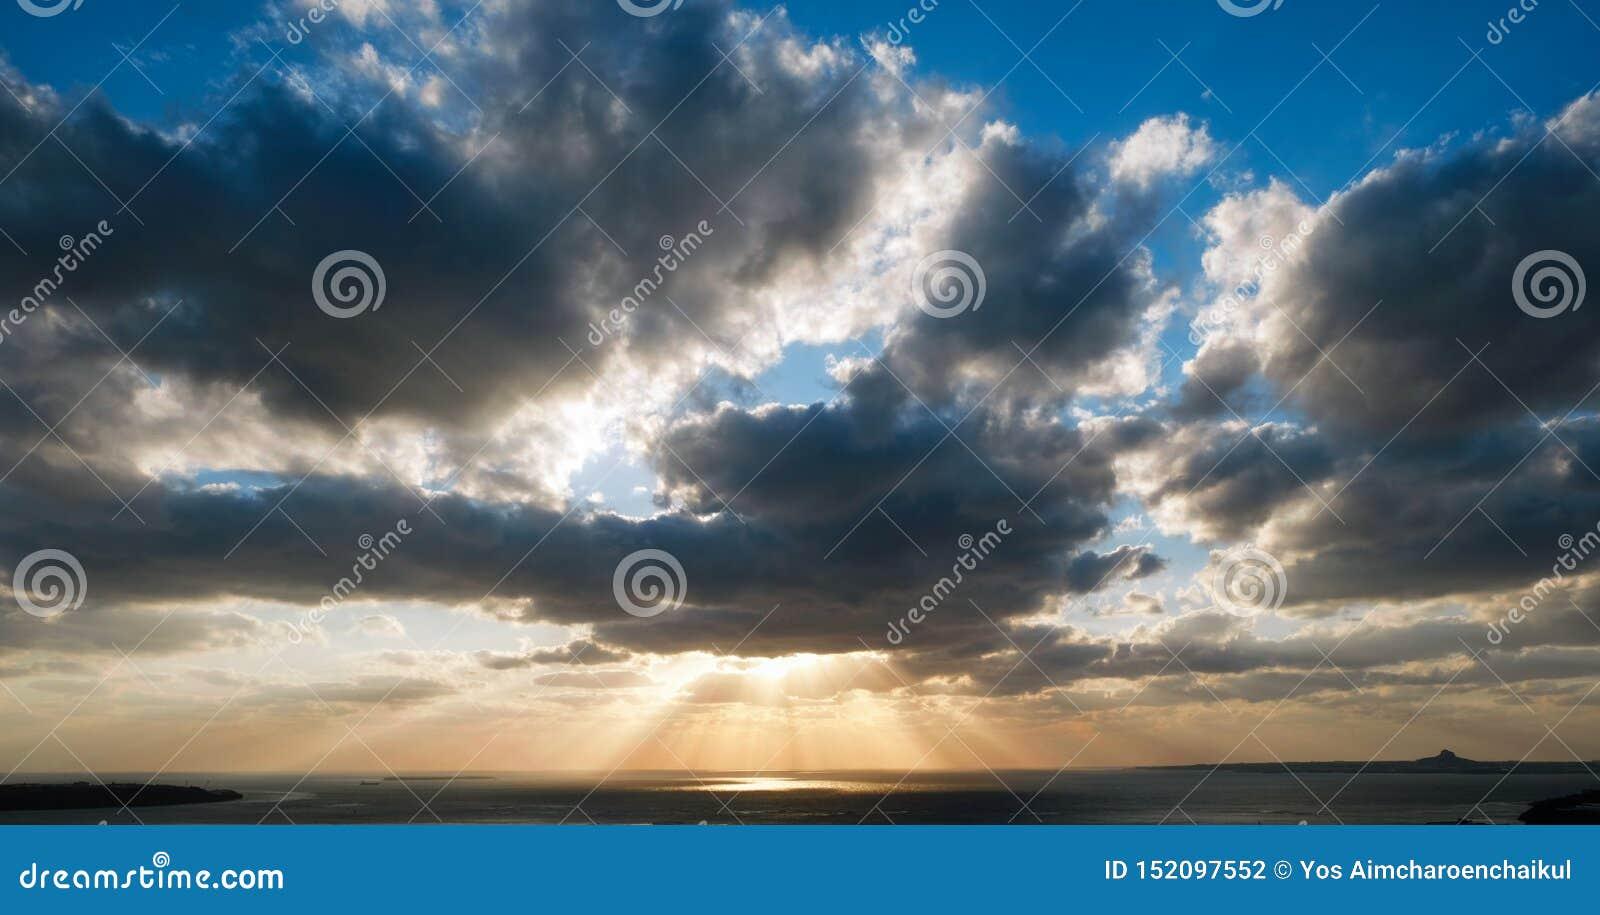 在晚上期间,太阳在云彩后落 太阳光芒早晨击穿云彩